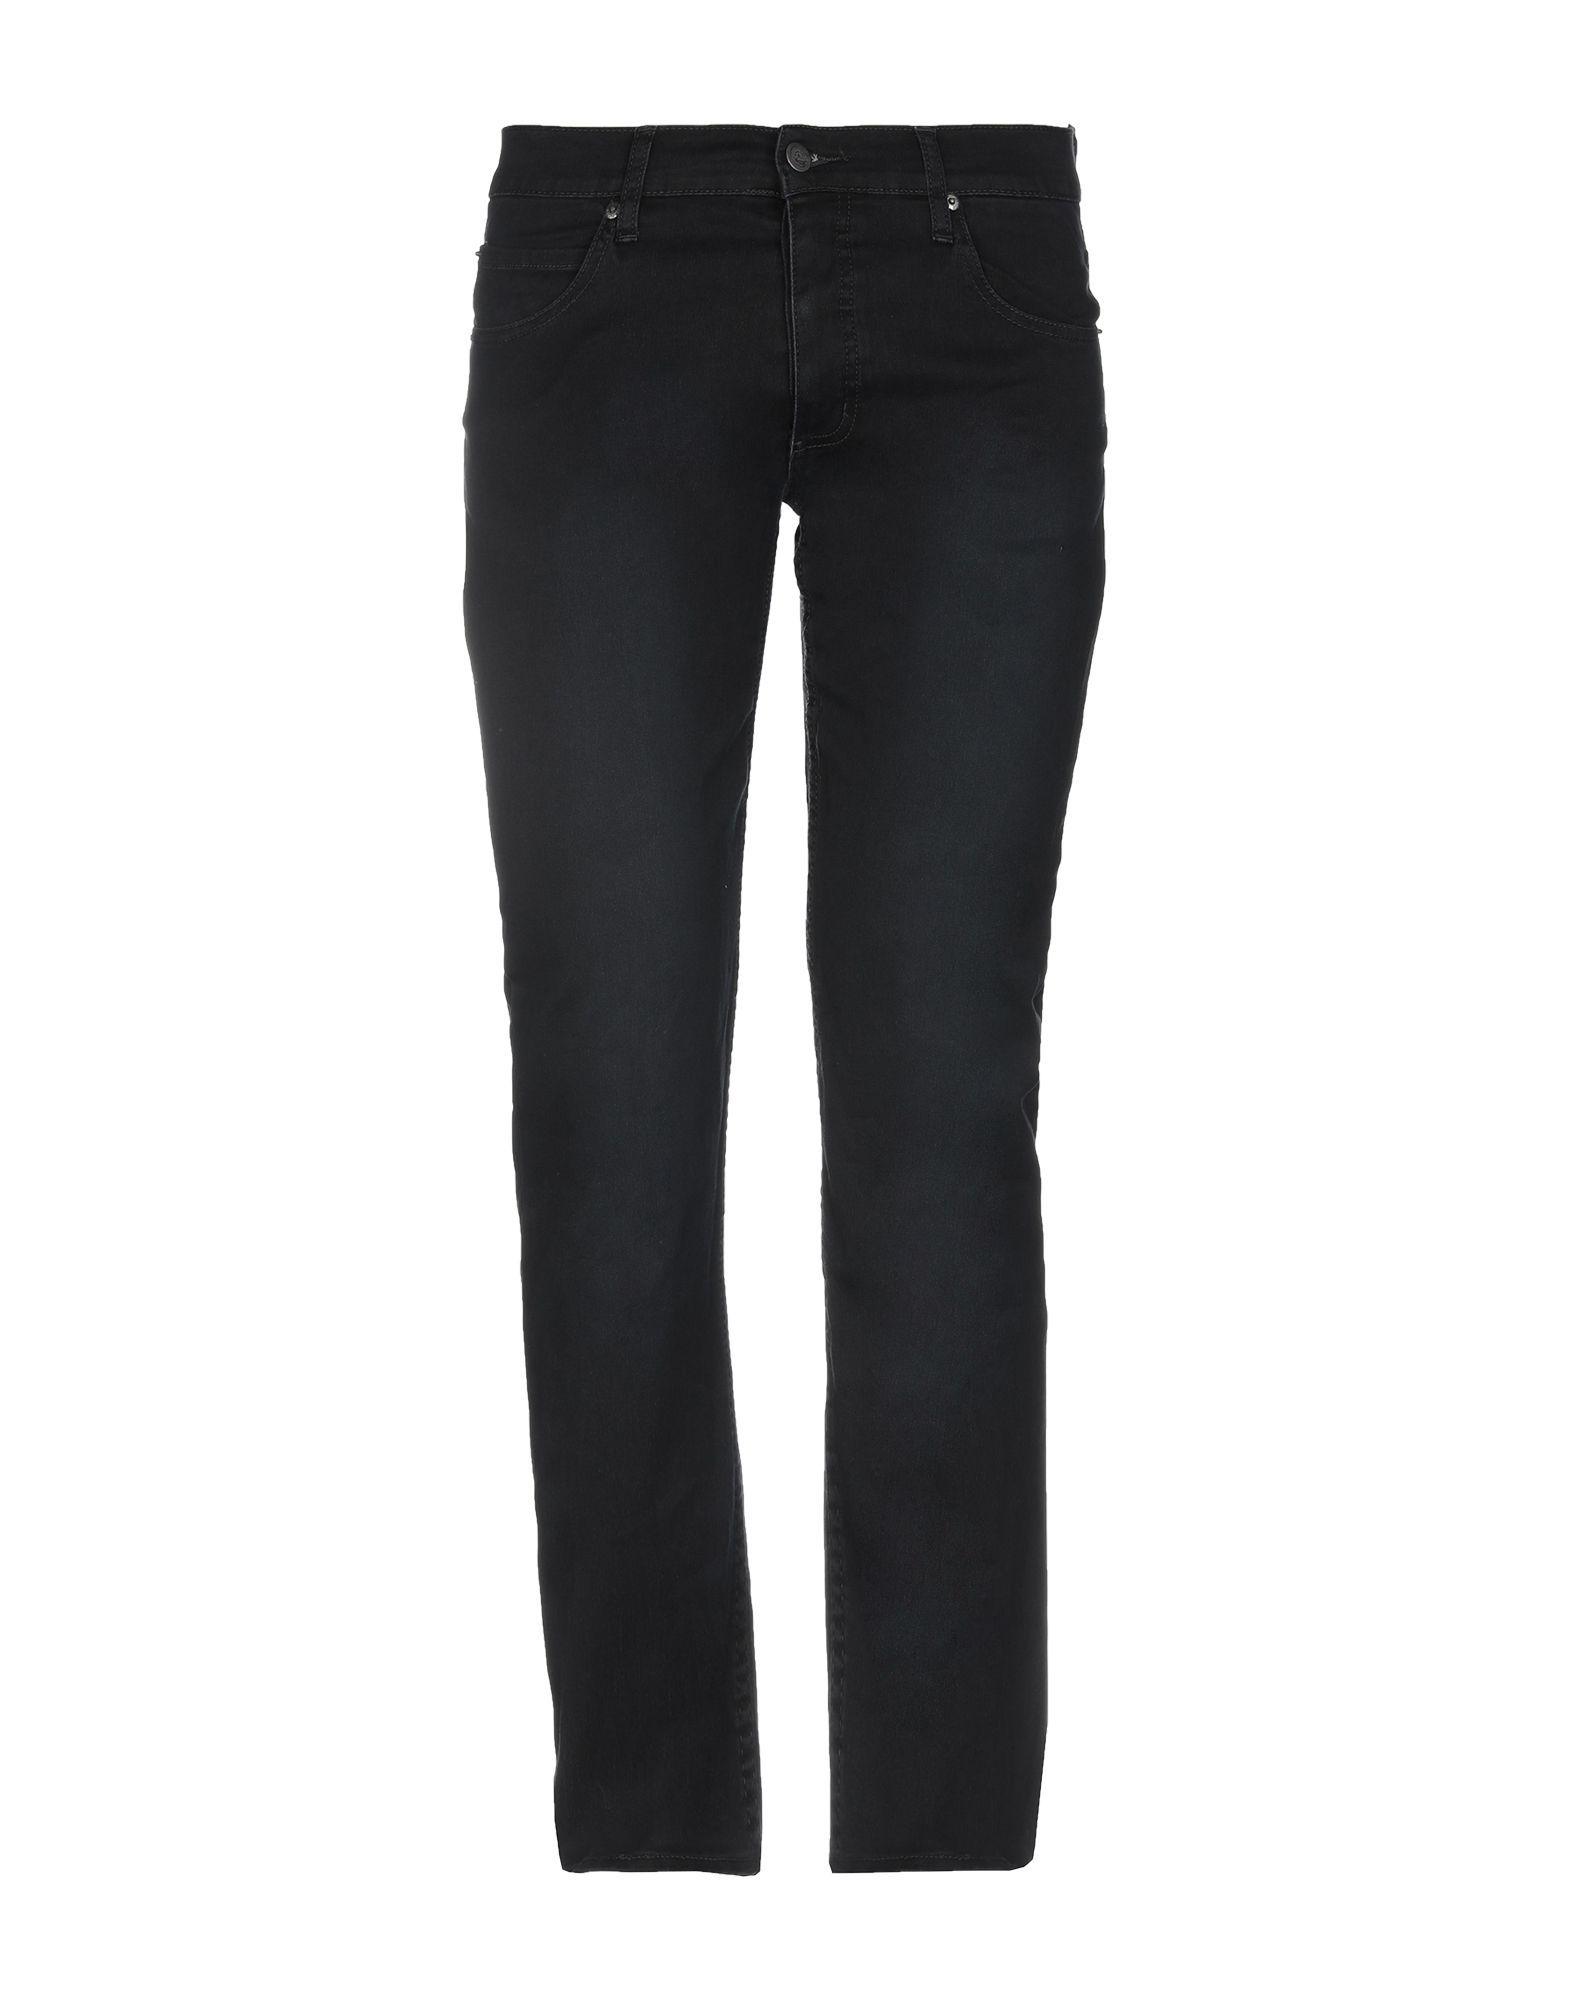 Cheap Monday Black Cotton Slim Fit Jeans